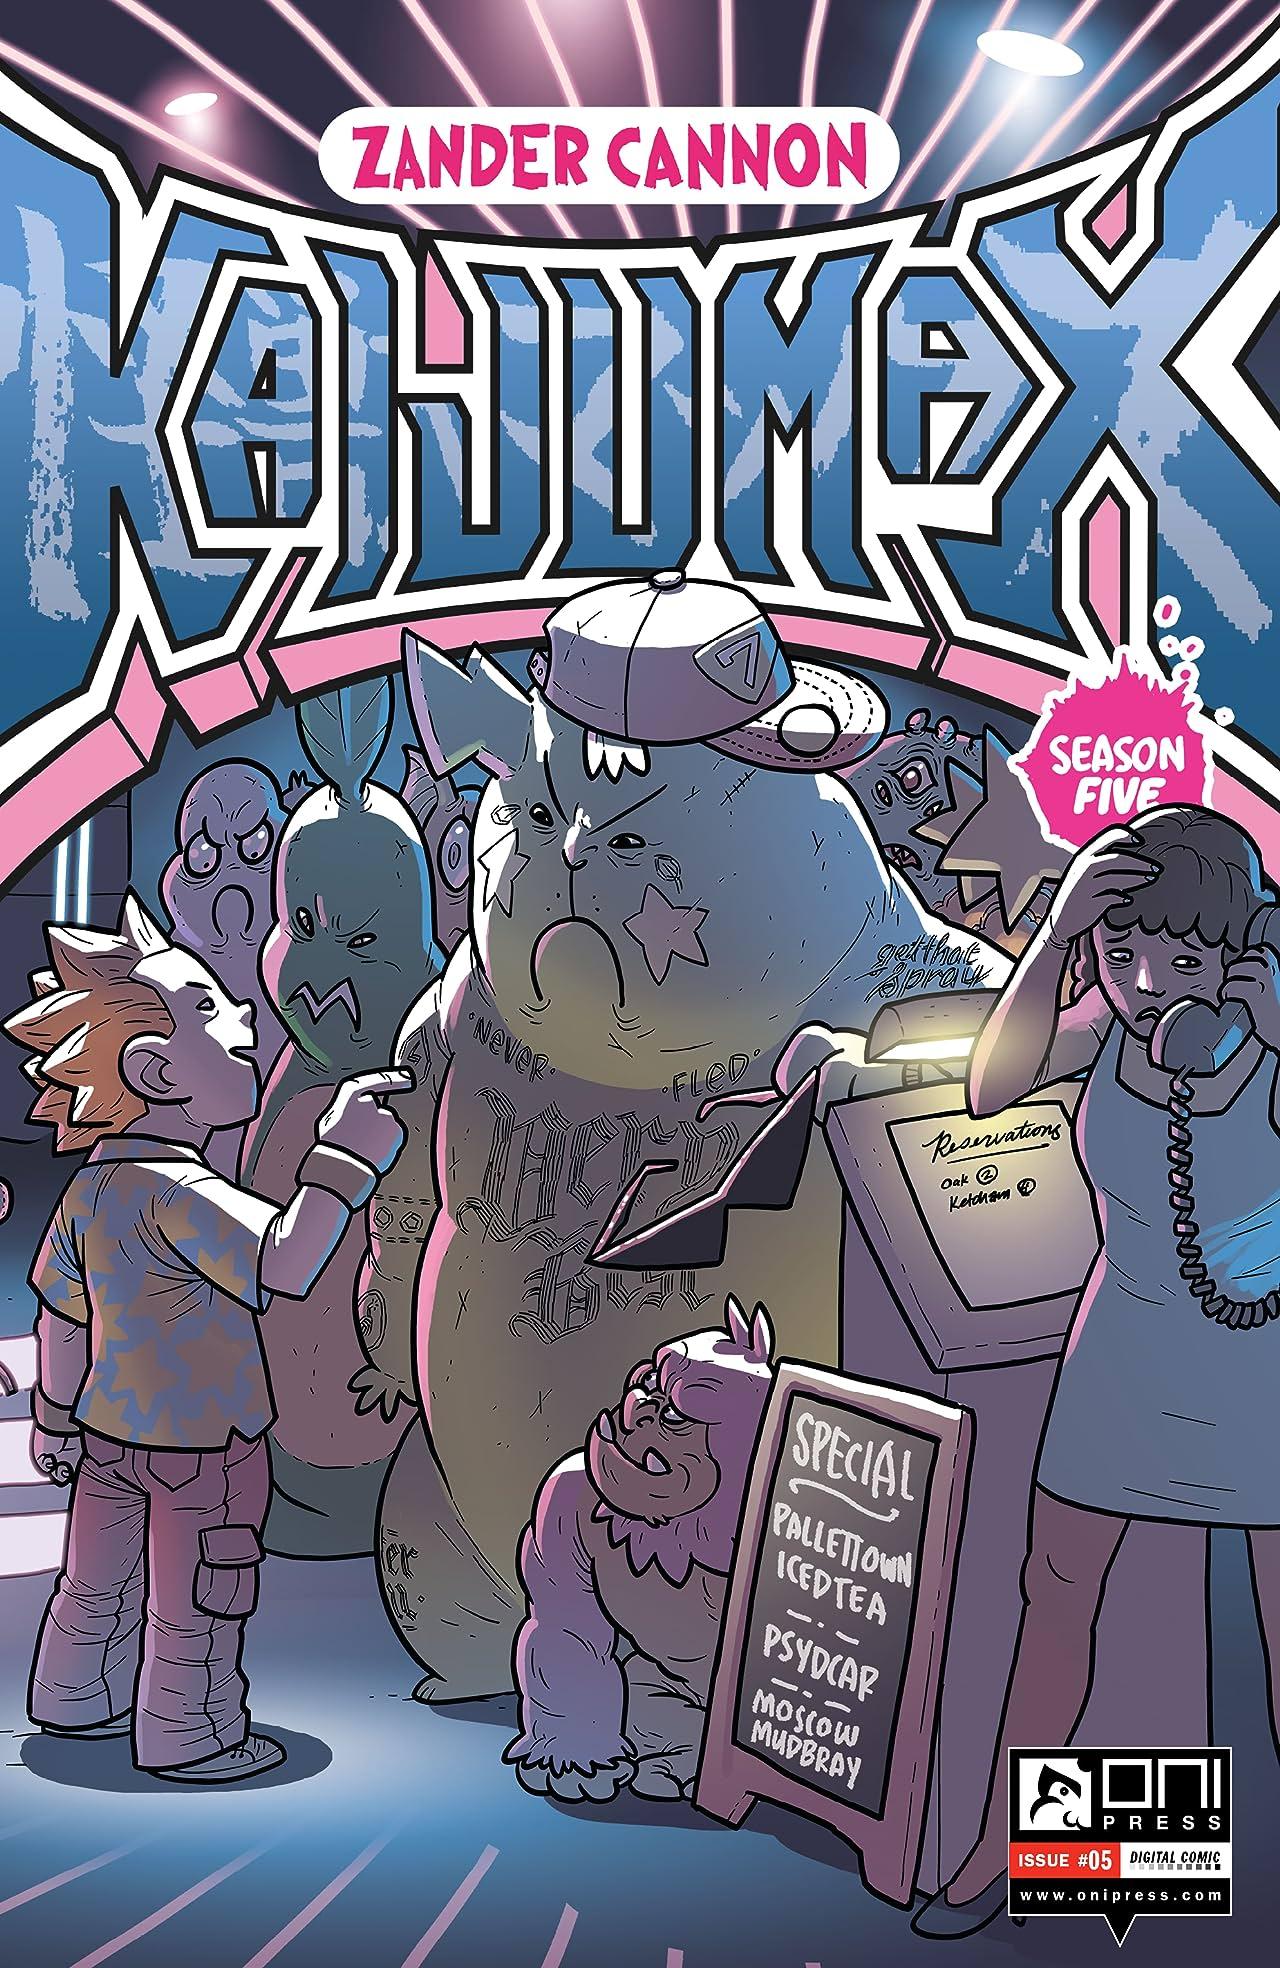 Kaijumax Season 5 No.5